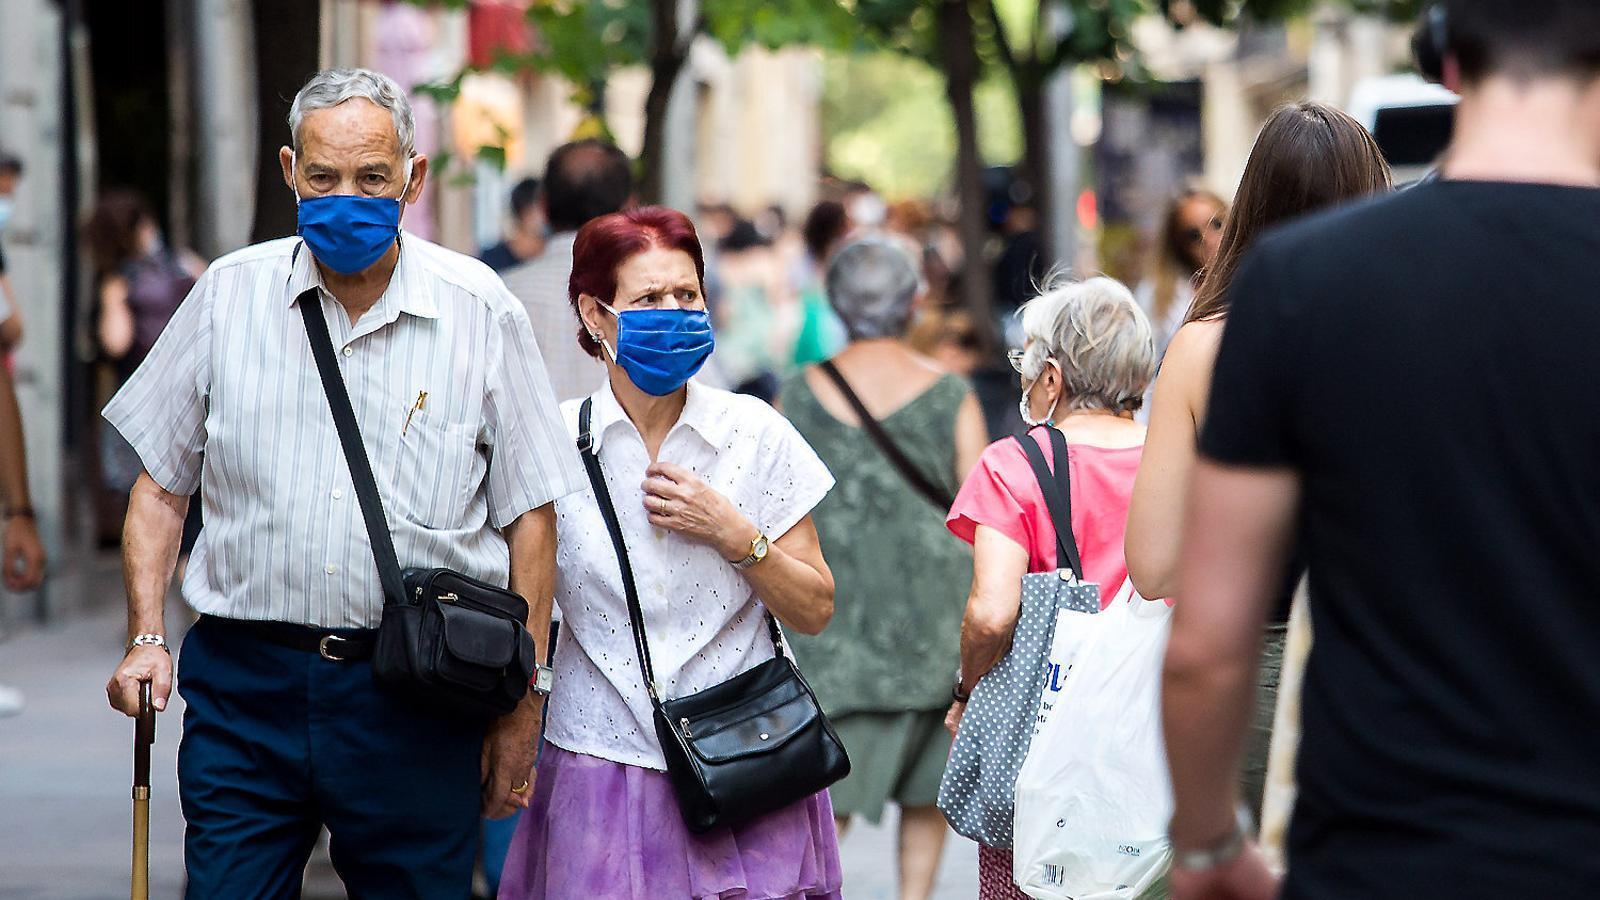 Diverses persones amb mascareta, passejant pel carrer